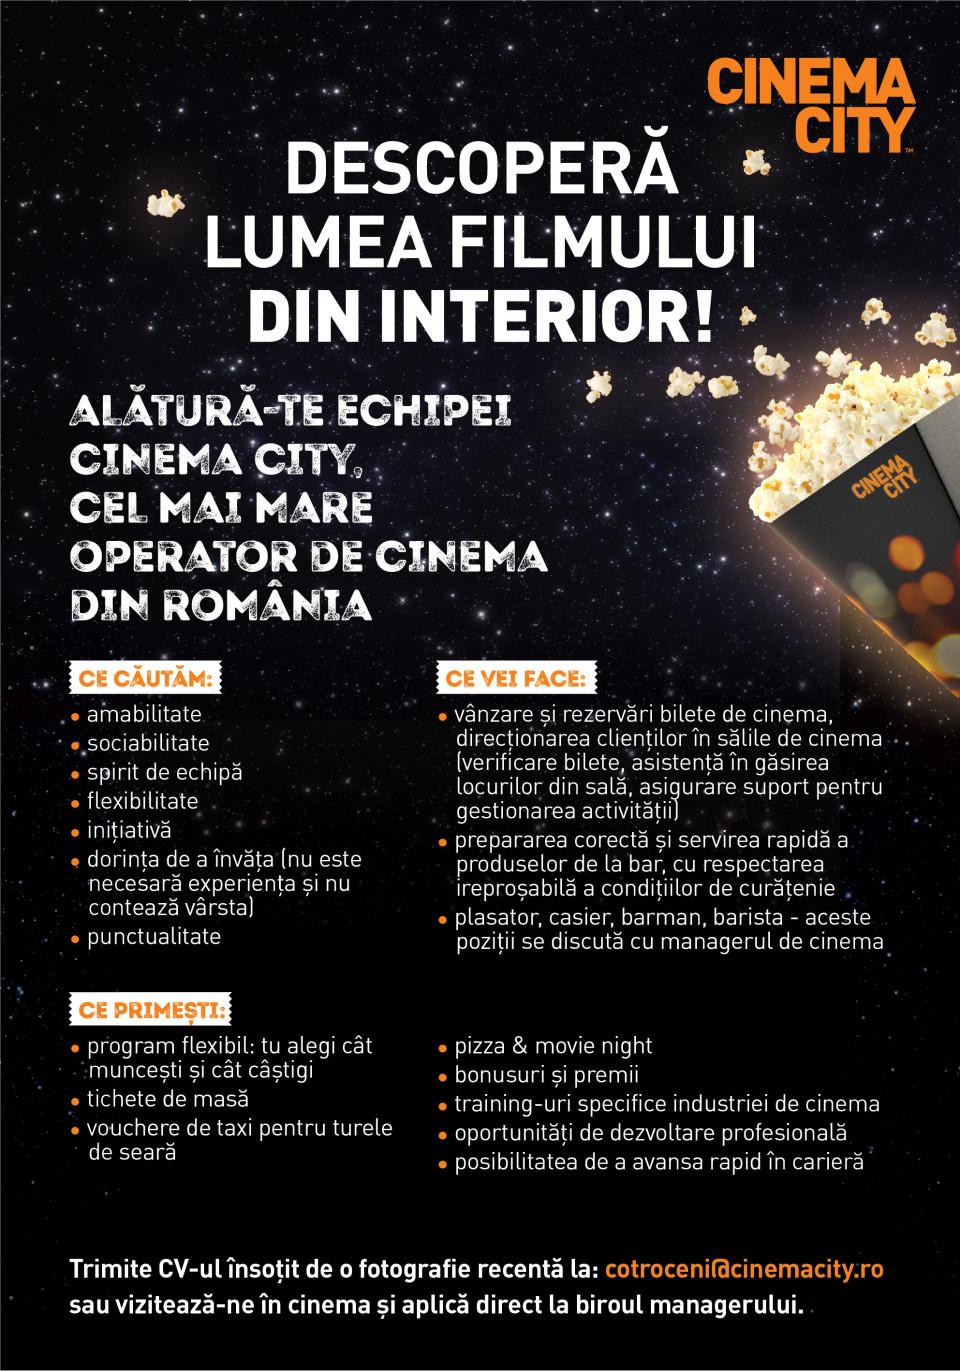 DESCOPERĂ LUMEA FILMULUI DIN INTERIOR!  Alătură-te echipei Cinema City, cel mai mare operator de cinema din România.  Cum ne dorim sa fie noul nostru coleg:  Cu atitudine pozitivă Dornic să învețe (nu este necesară experiența și nu contează vârsta) Punctual Cu bune abilități de comunicare și relaționare Amabil Să îi placă să lucreze în echipă Determinat Cu inițiativă Căutăm colegi care să descopere cu entuziasm lumea filmului din interior pentru următoarele roluri  Barman / Barista / Casier / Plasator  În funcție de rolul potrivit pentru tine, responsabilitățile generale ar putea fi:  - vânzarea de bilete și rezervări bilete de cinema, direcționarea clienților în cinema (verificare bilete, asistență în găsirea locurilor din sală, asigurare suport pentru gestionarea activității);  - preparea corectă și servirea rapidă a produselor de la bar sau cafenea, cu respectarea ireproșabilă a condițiilor de curățenie;  - întâmpinarea clienților și oferirea informațiilor corecte despre produsele noastre;  Barman / Barista / Casier / Plasator – aceste poziții se discută în cadrul interviului.  Ce îți garantăm:  - Program flexibil (tu alegi cât muncești și cât câștigi) - Tichete de masa - Pizza & Movie night - Bonusuri și premii - Training-uri specifice industriei de cinema - Vouchere de taxi pentru turele de seară - Oportunități de dezvoltare profesională - Posibilitatea de a avansa rapid în carieră  Punem accent pe dezvoltarea oamenilor și ne dorim ca fiecare coleg să fie foarte bine pregătit profesional existând șanse de promovare. Dezvoltă și tu o carieră în industria de cinema!  Trimite CV-ul insotit de o fotografie recenta la: cotroceni@cinemacity.ro sau viziteaza-ne in cinema si aplica direct la biroul managerului.  Te așteptăm cu drag! Descoperă lumea filmului din interior!Alătură-te echipei Cinema City, cel mai mare operator de cinema din România, parte din Cineworld, al doilea mare lanț de cinematografe din lume!Ne dorim să fim cel mai bun loc unde se vizionează filmele